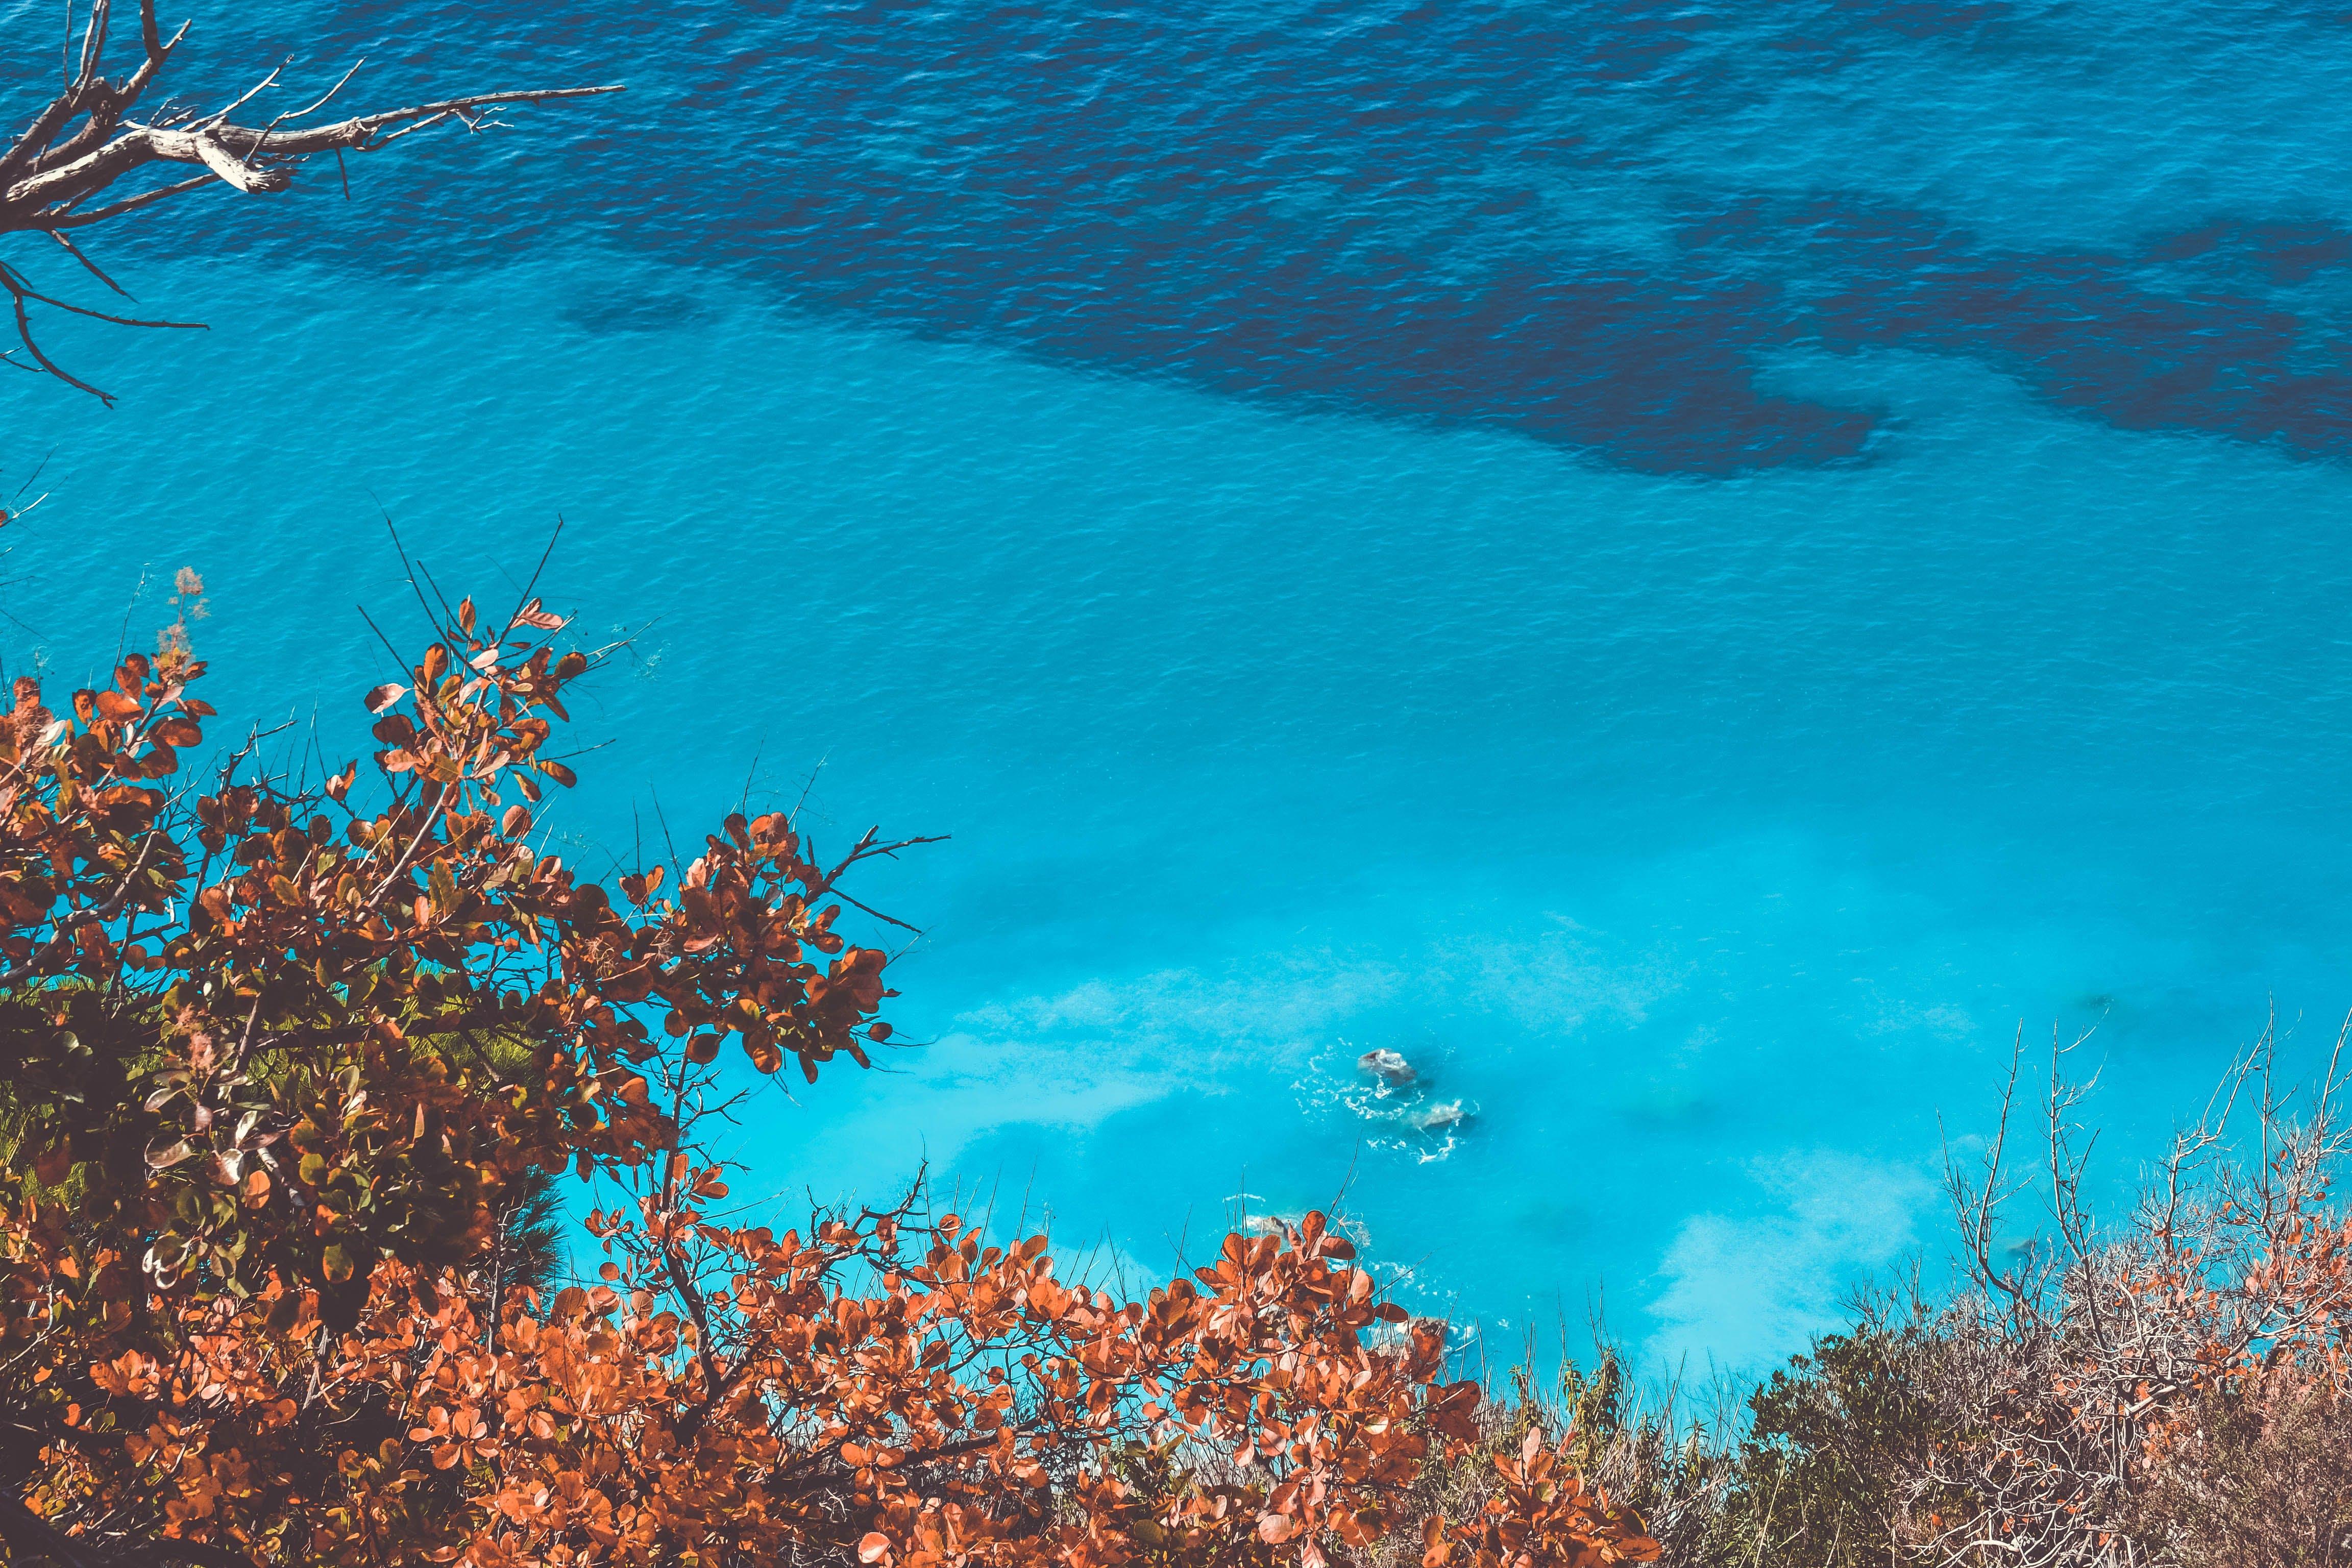 Blue Ocean Under Sunny Sky